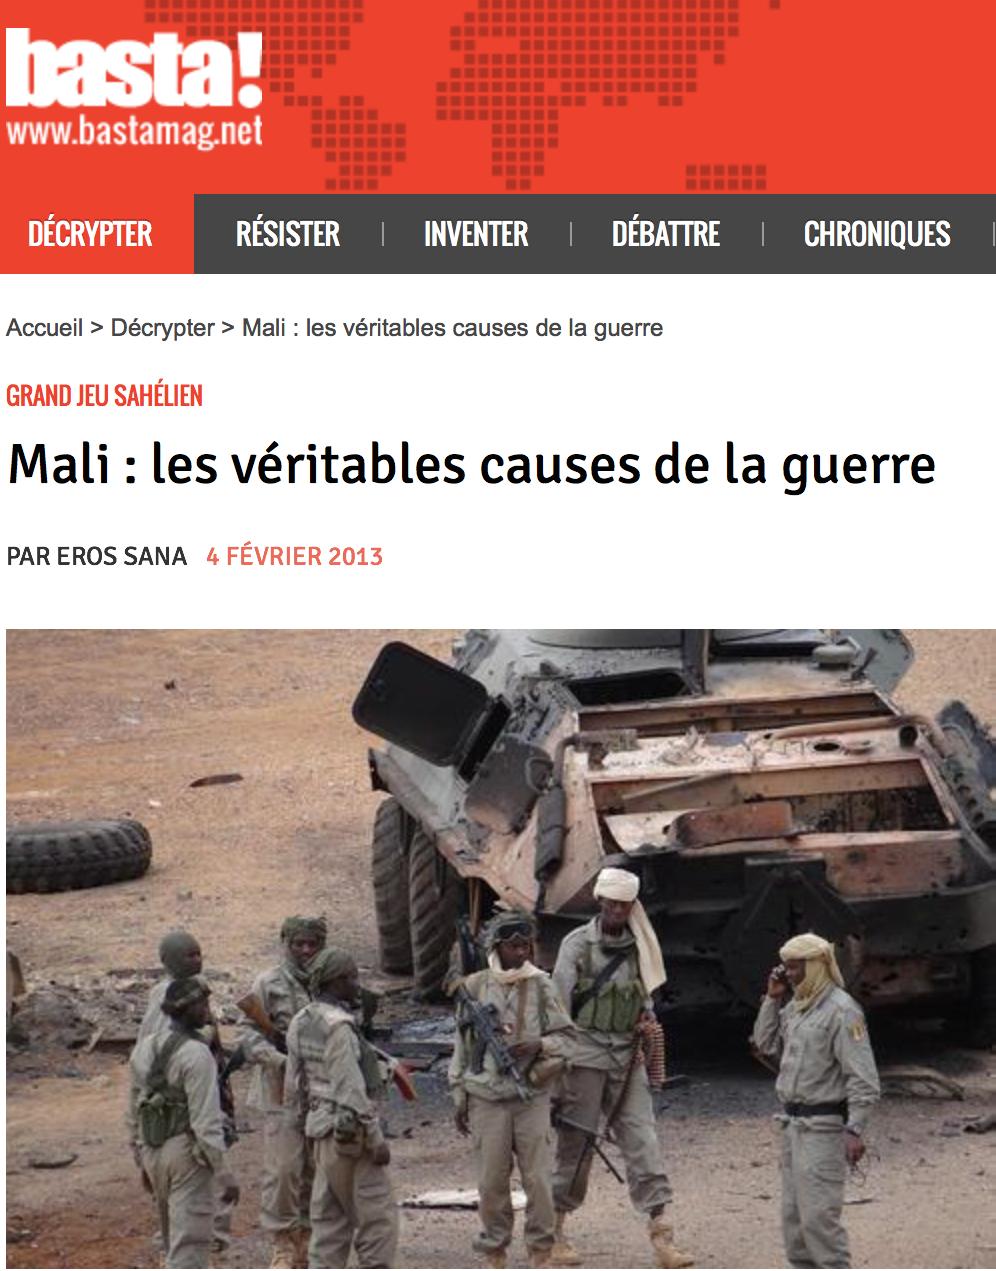 Mali : les véritables causes de la guerre